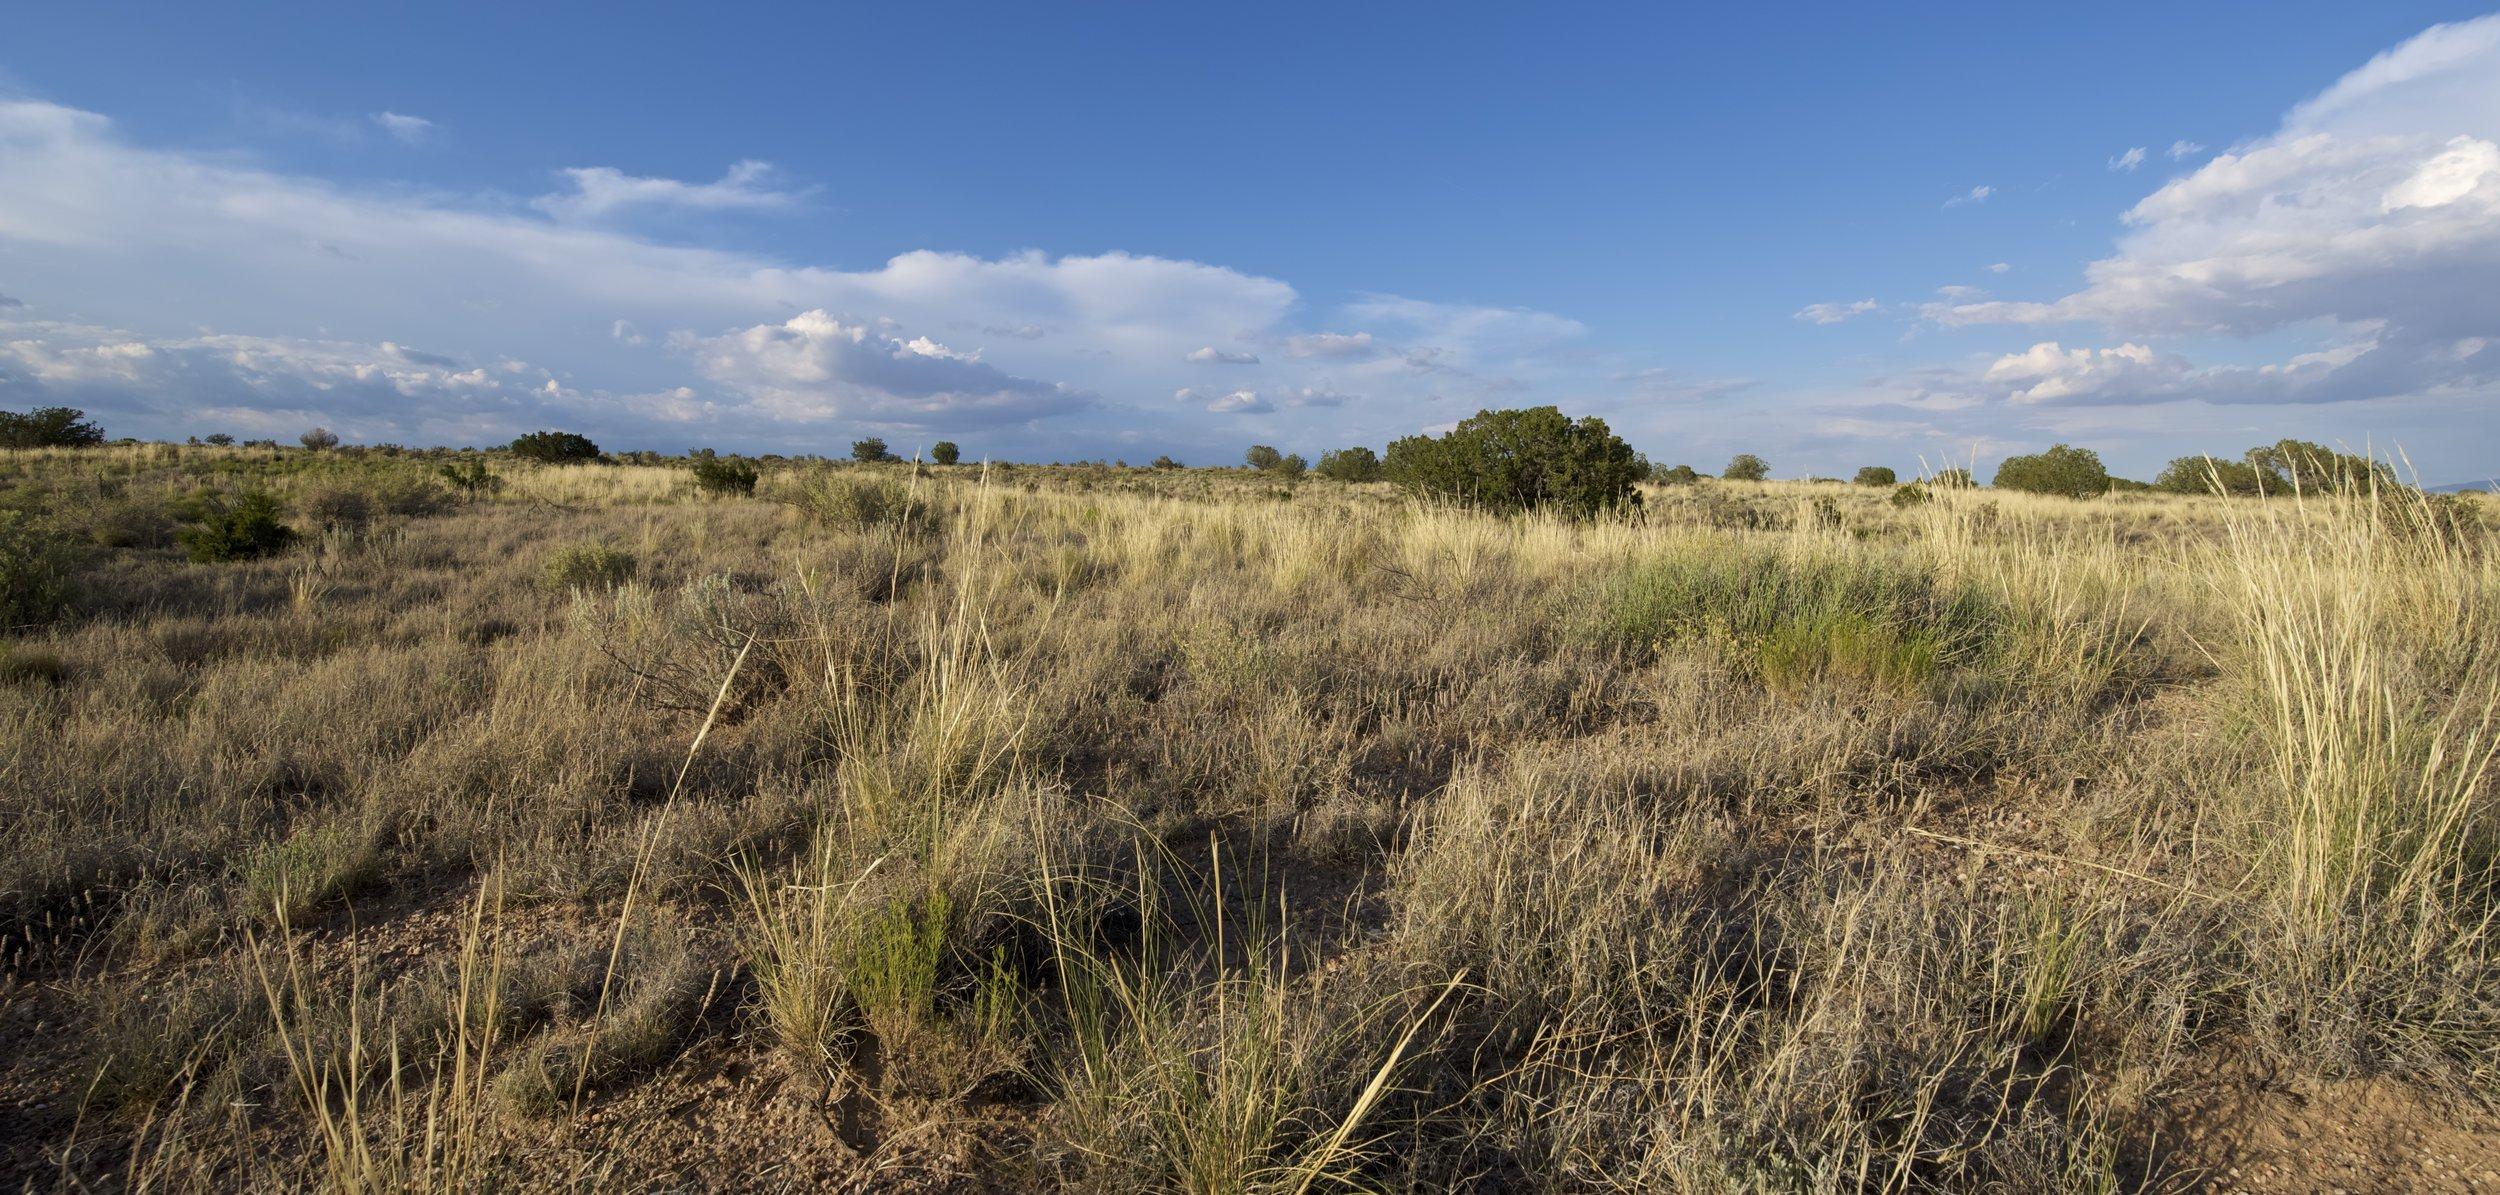 SNNM-BFG-rio-rancho-132760.jpg